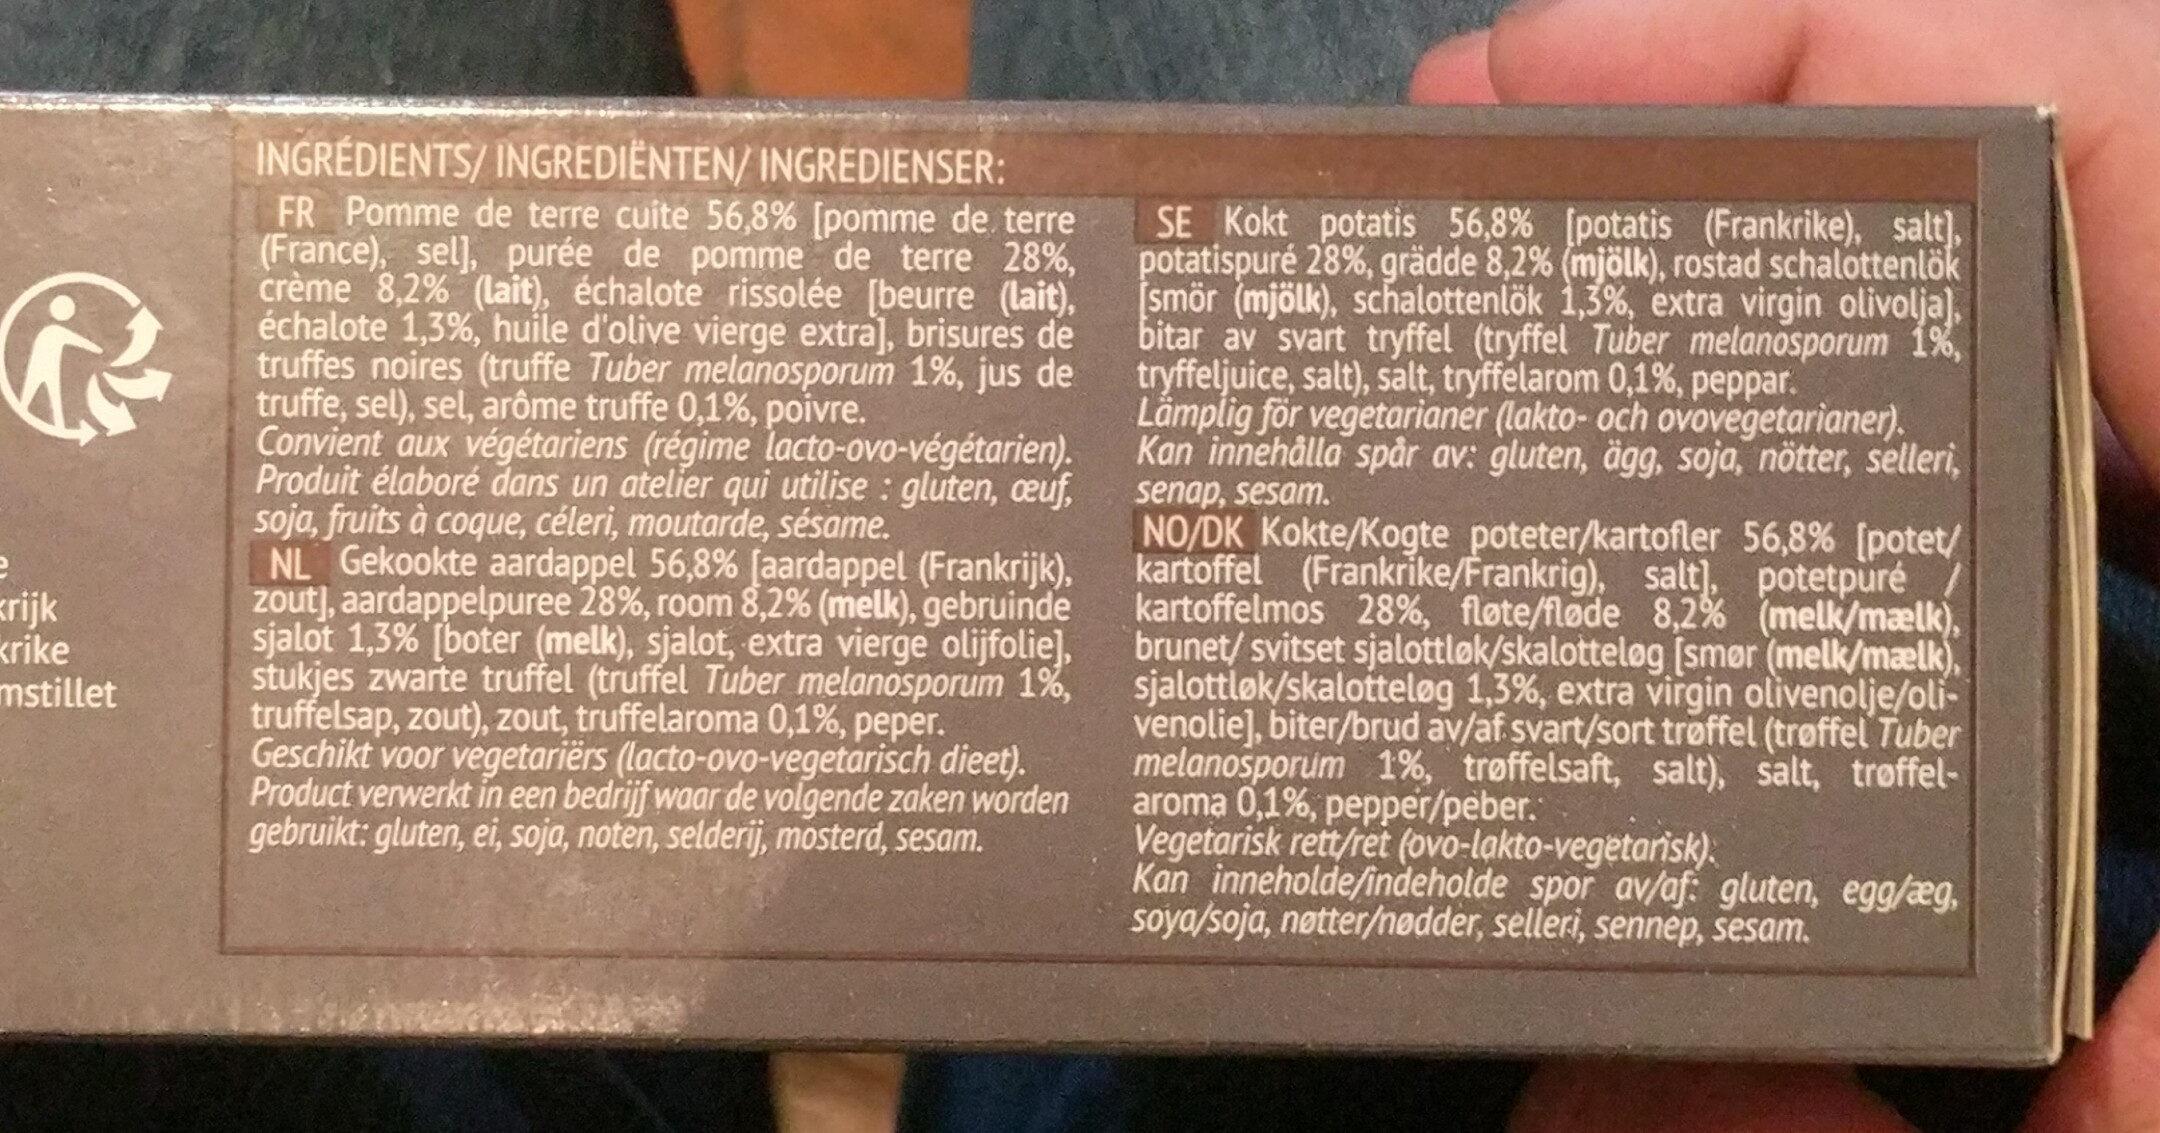 Ecrasée de Pomme de Terre aux Truffes noires (1%) et à l'arôme de Truffe surgelée - Ingredients